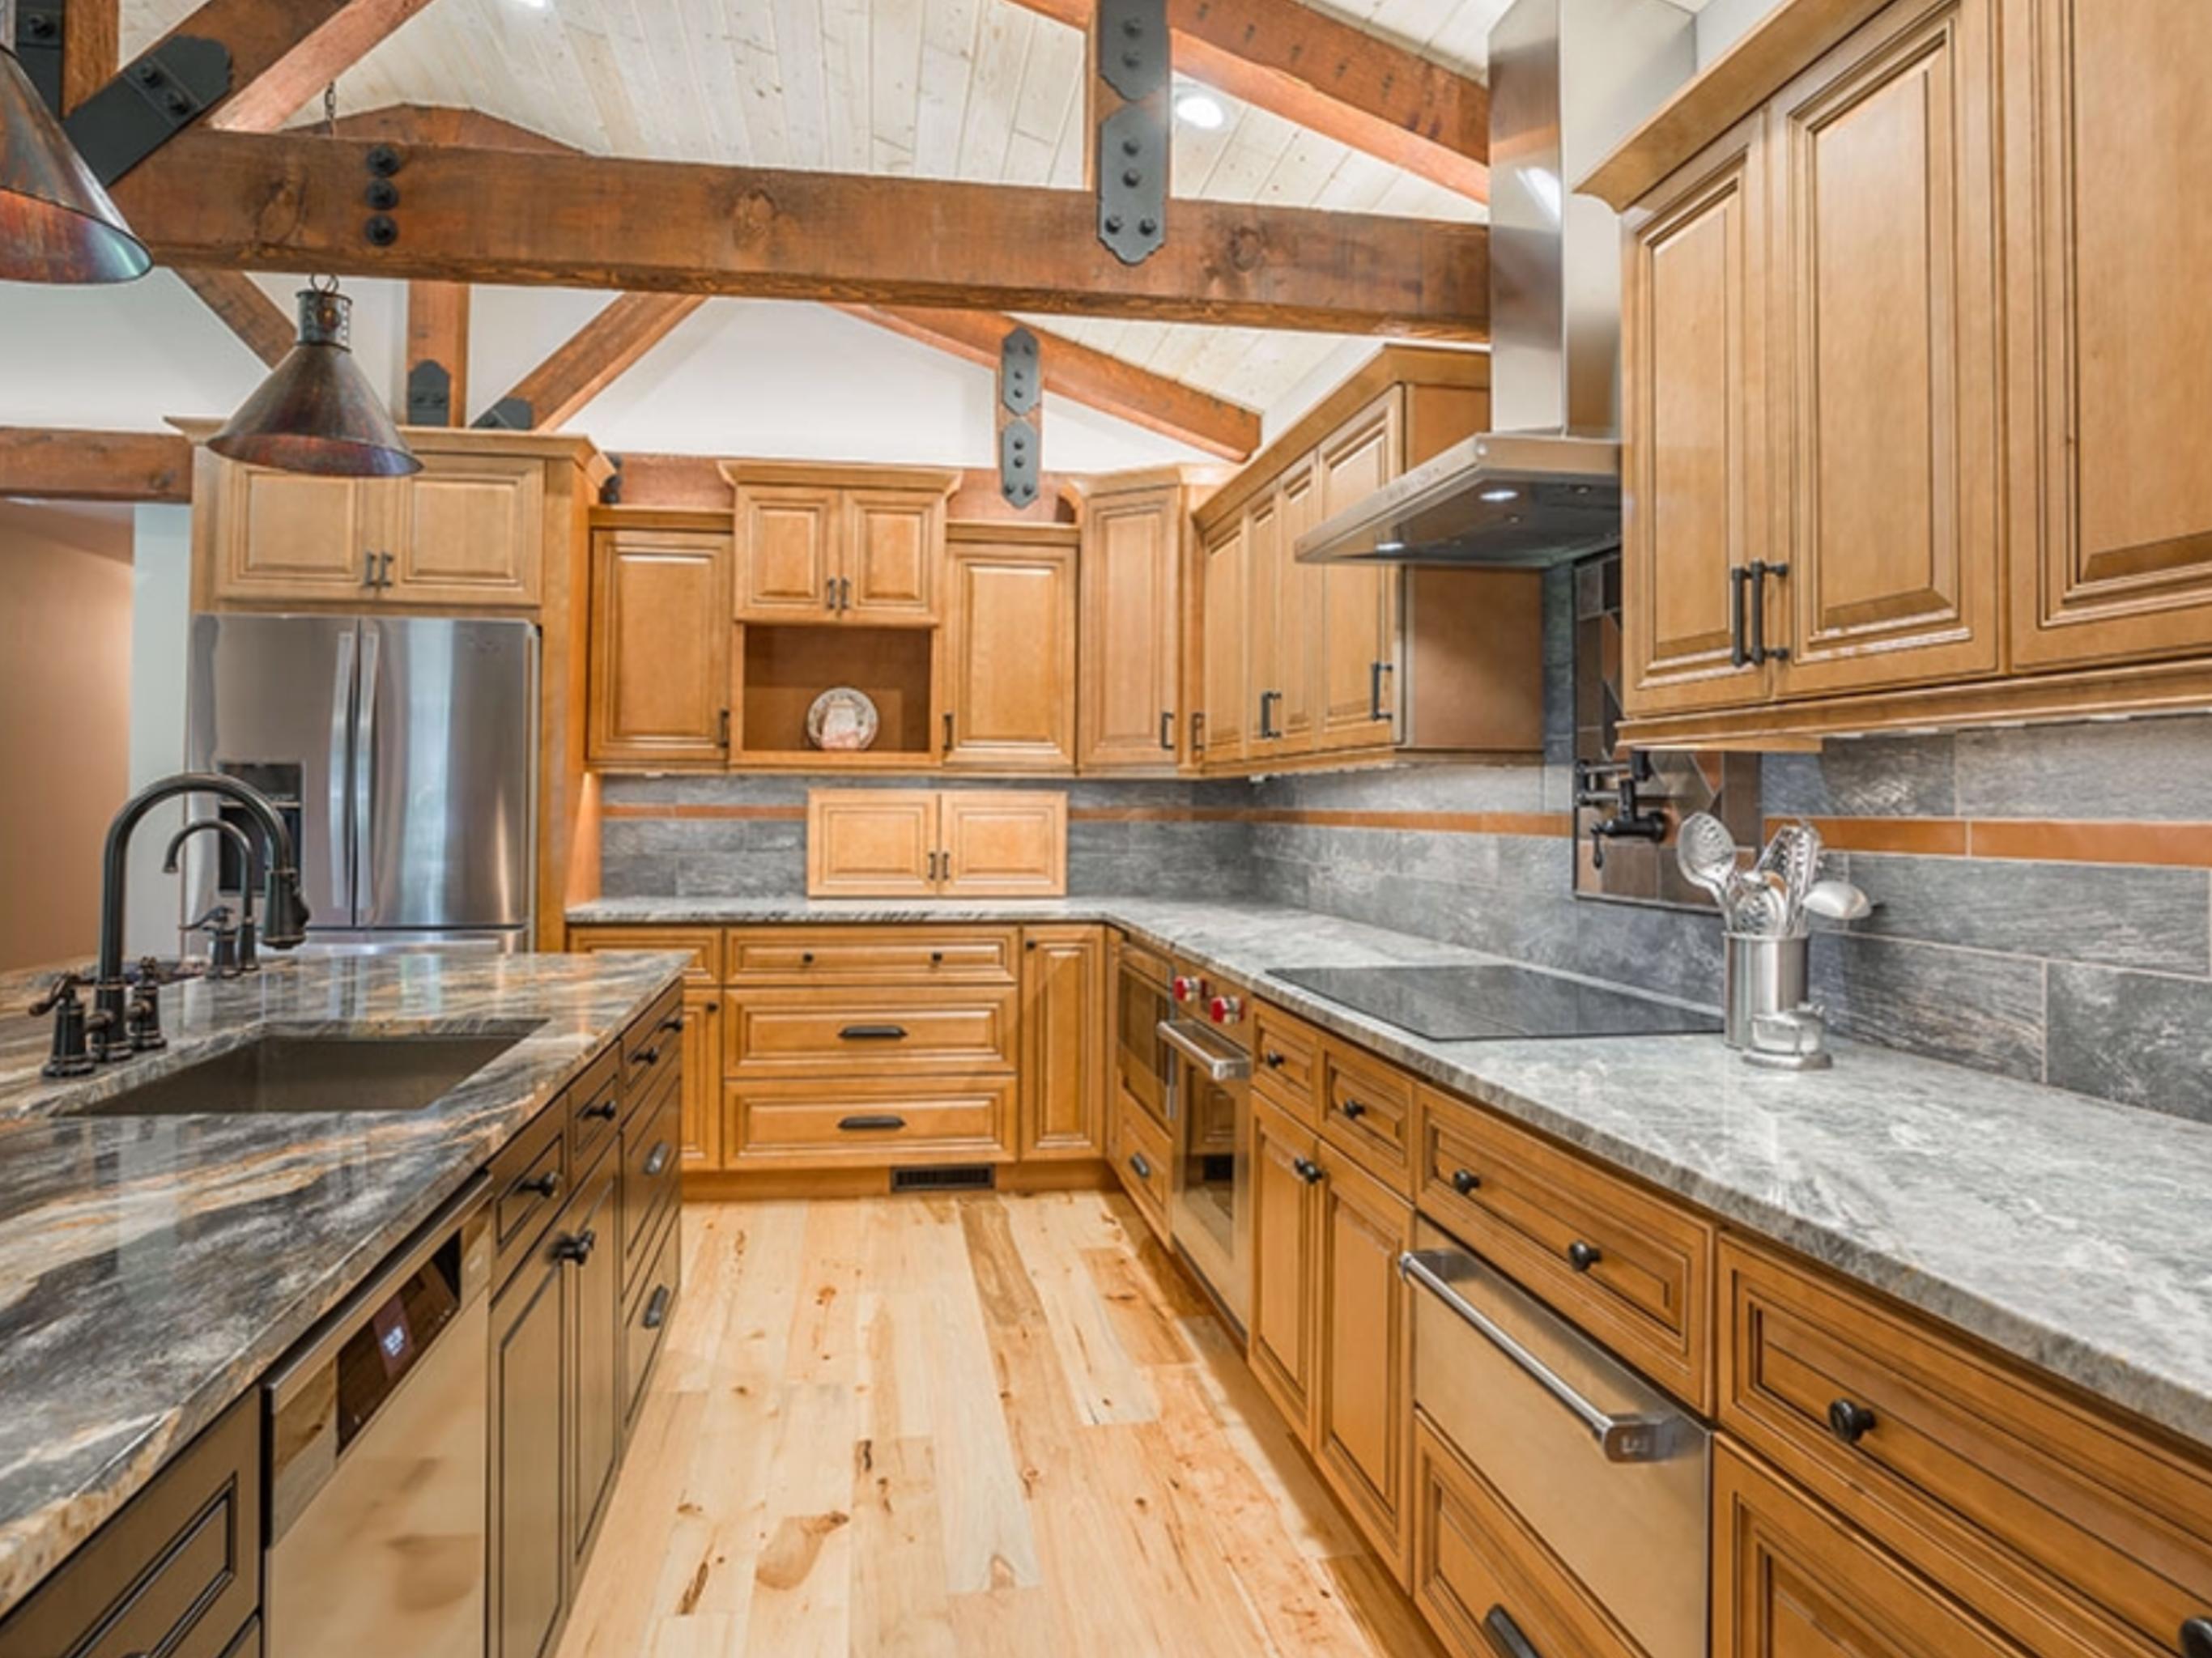 Pin de abc kitchens en Cinnamon Maple Cabinets | Pinterest